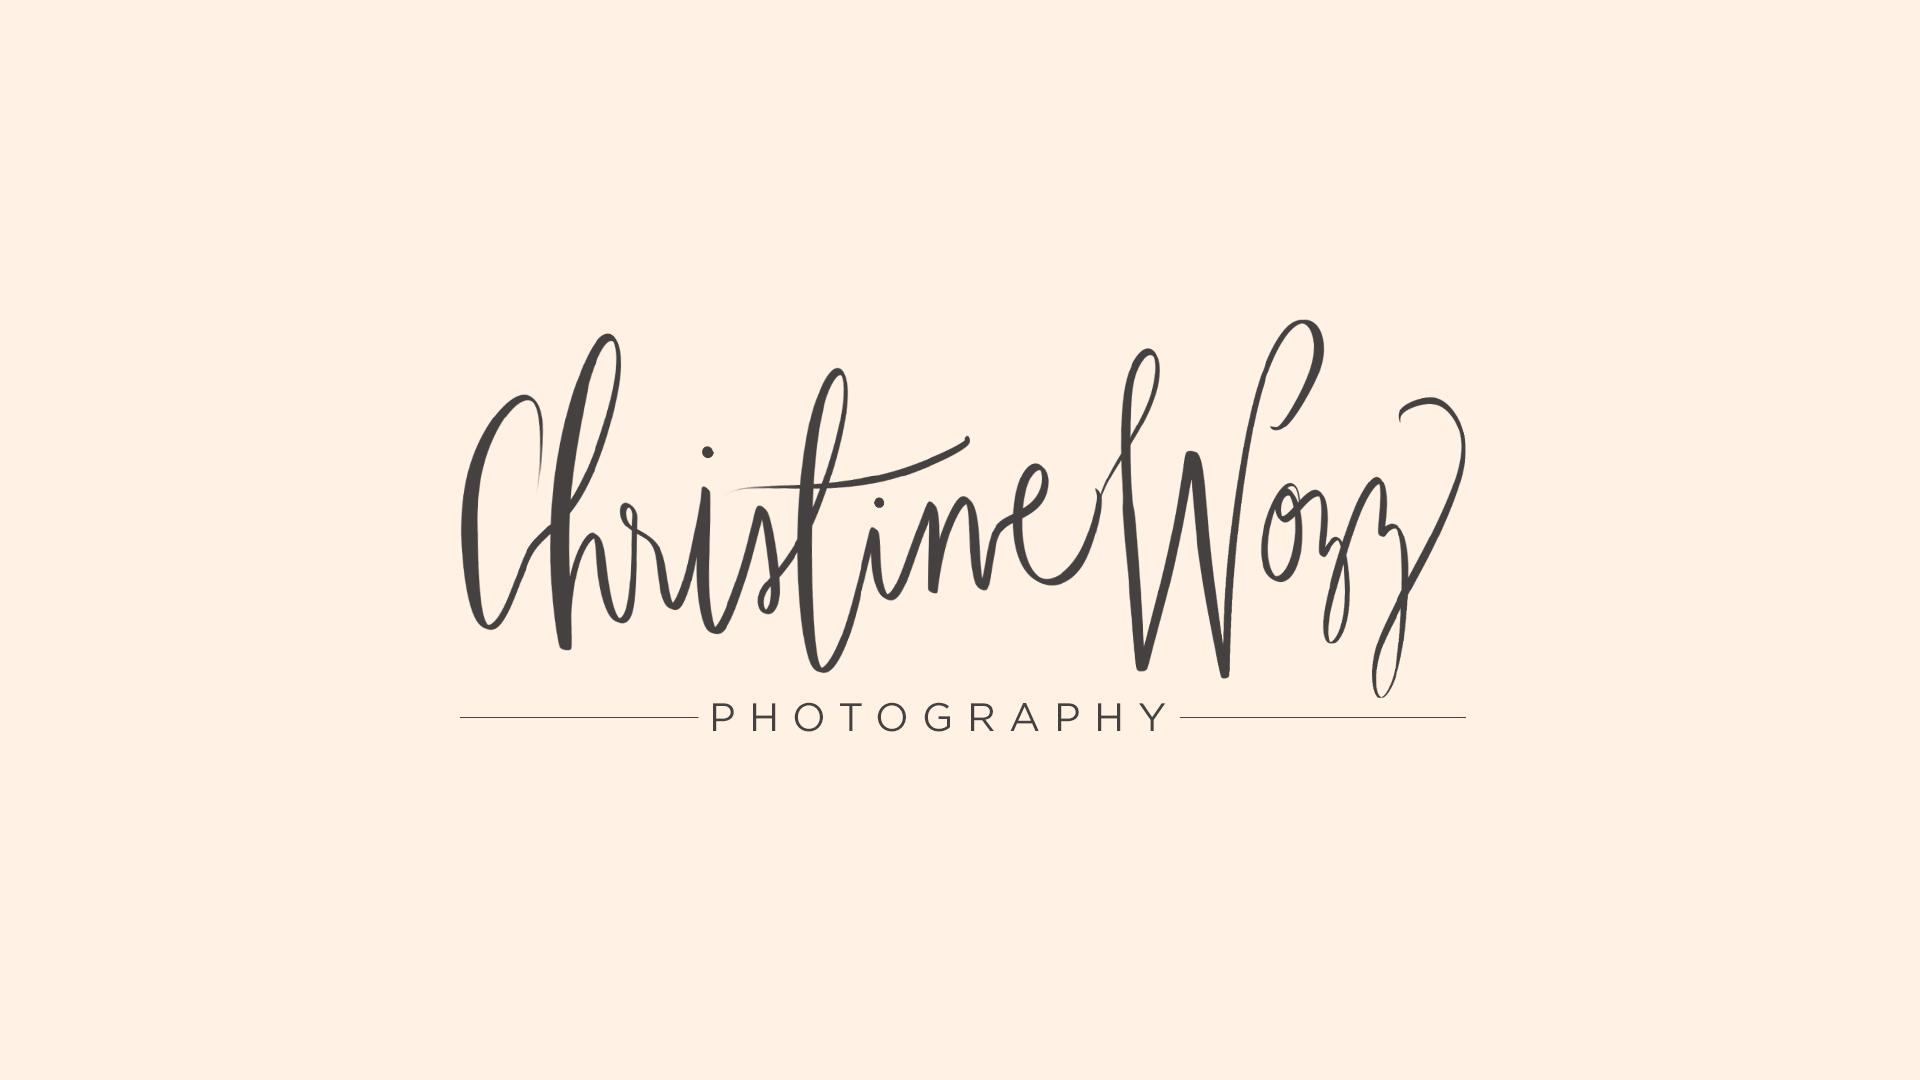 Christine Wozniak | Photography